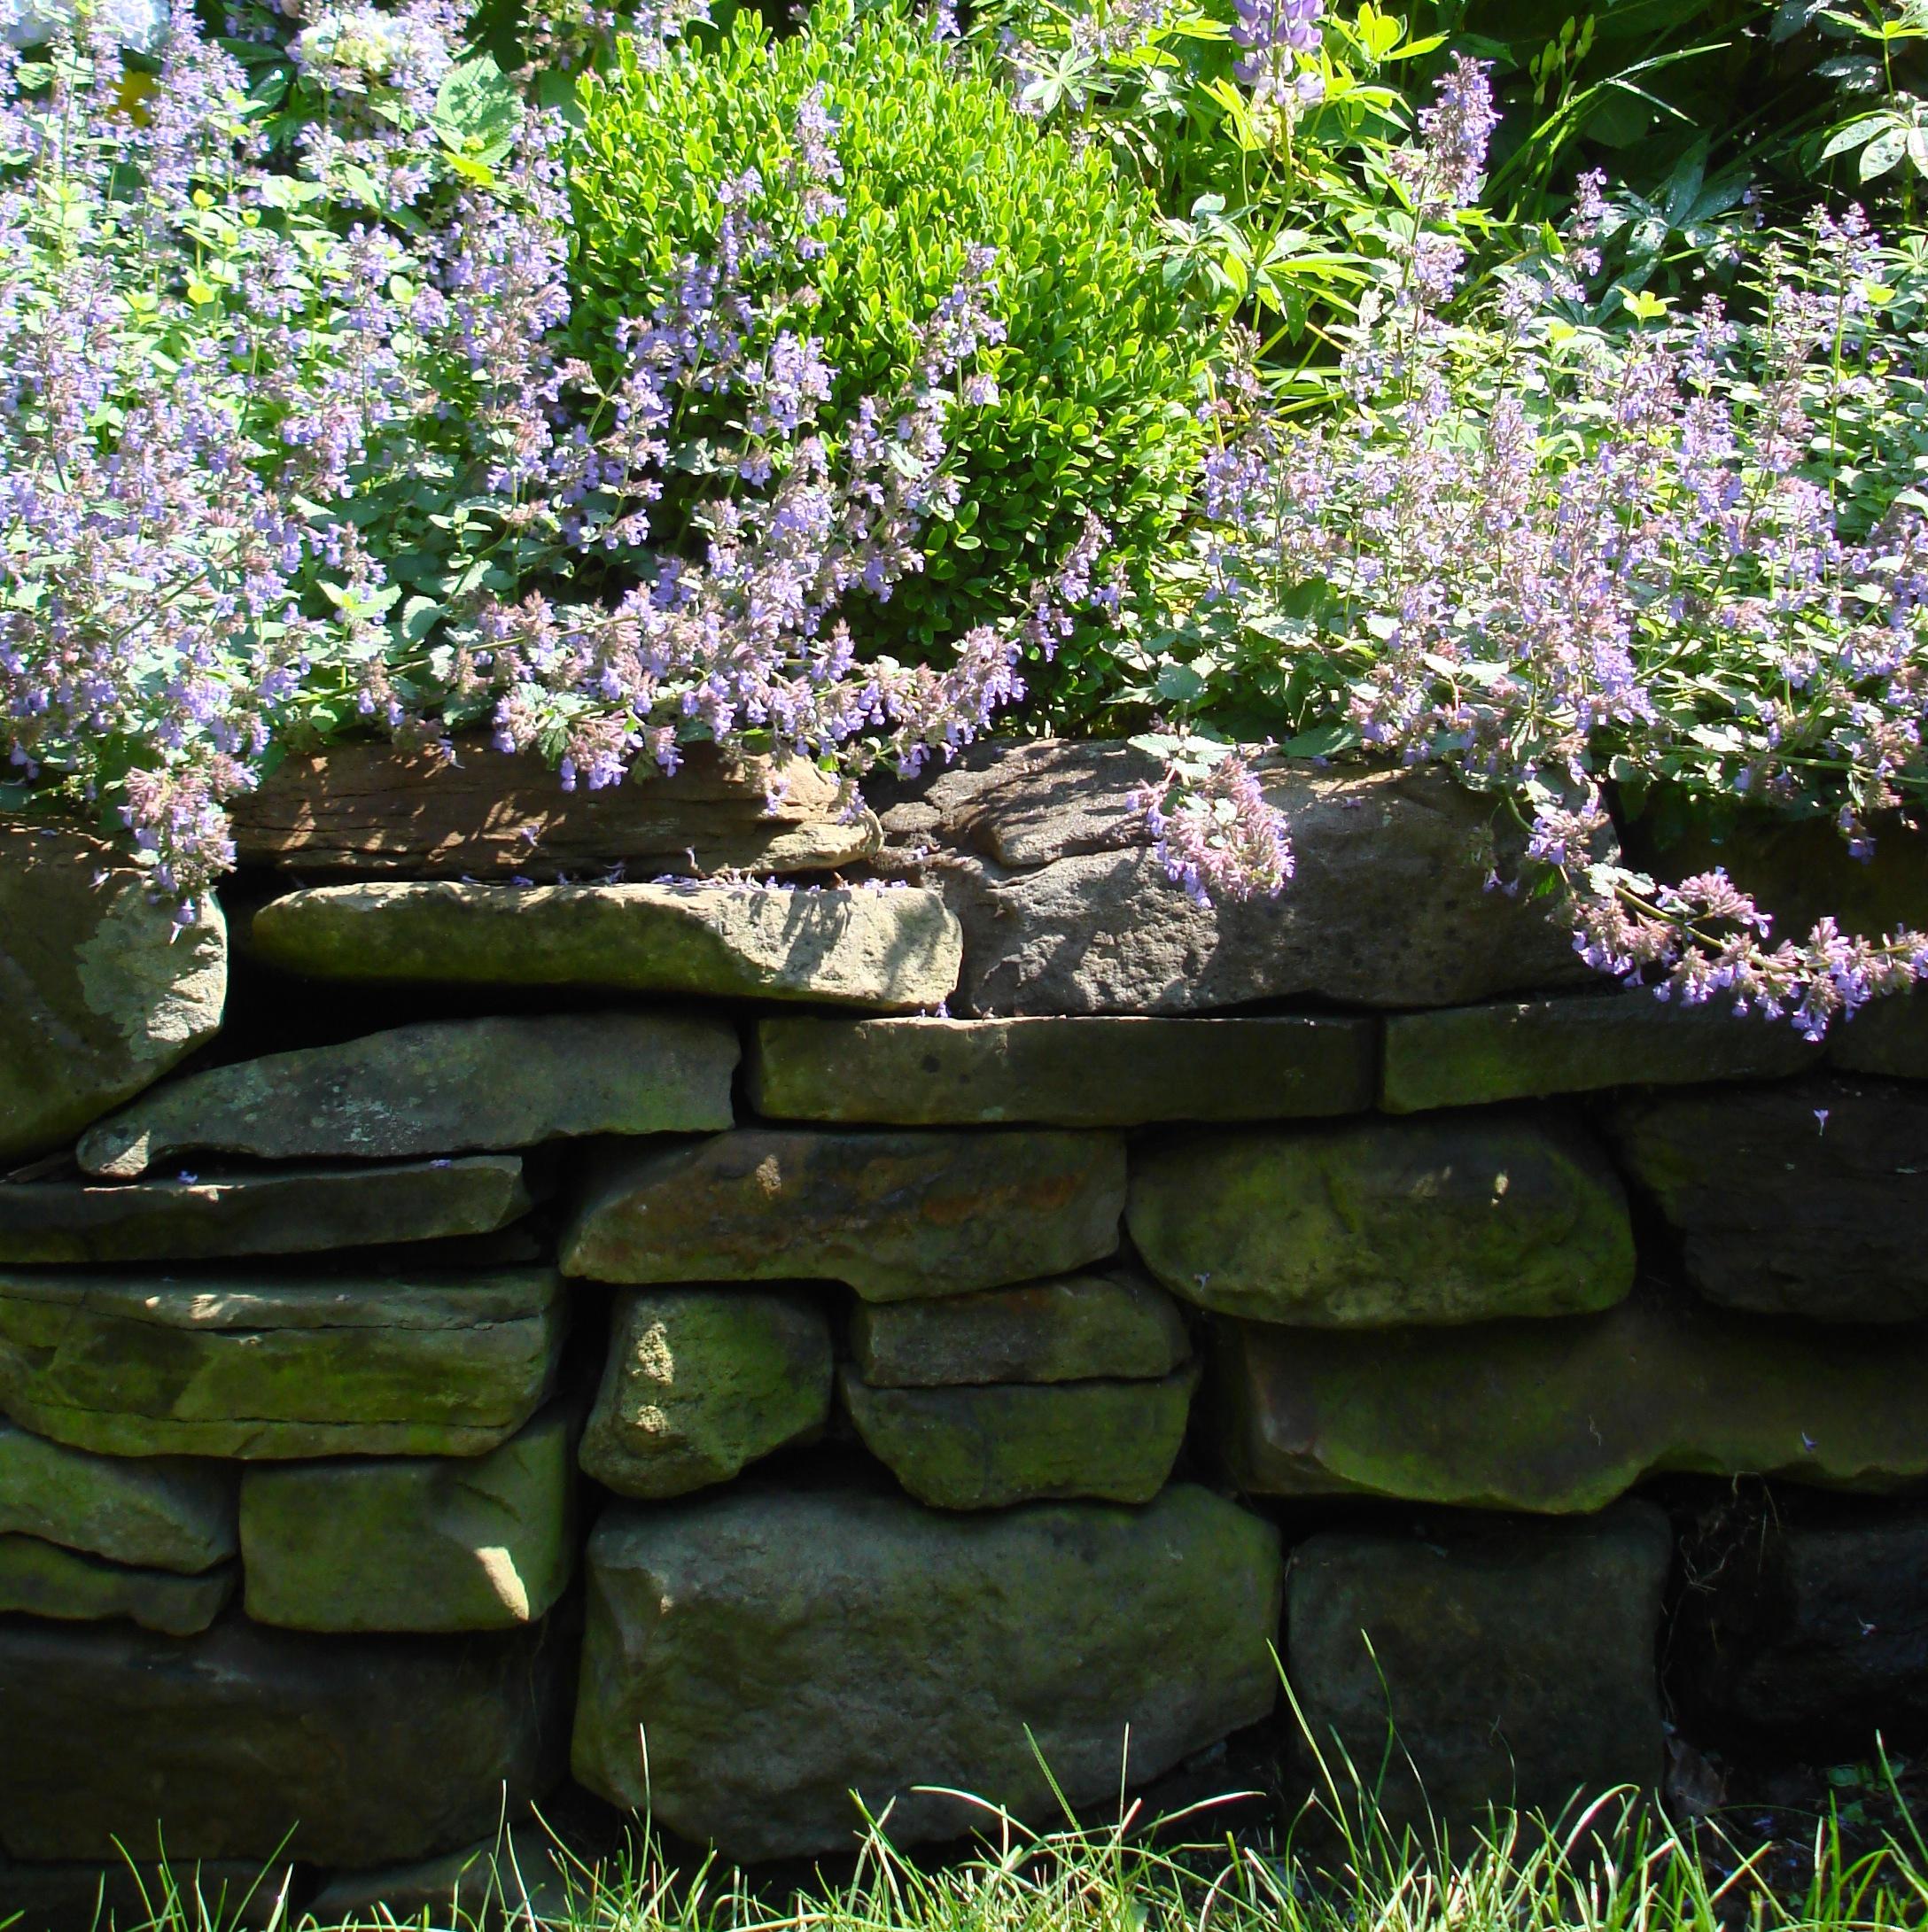 Stonewall With Flower Garden